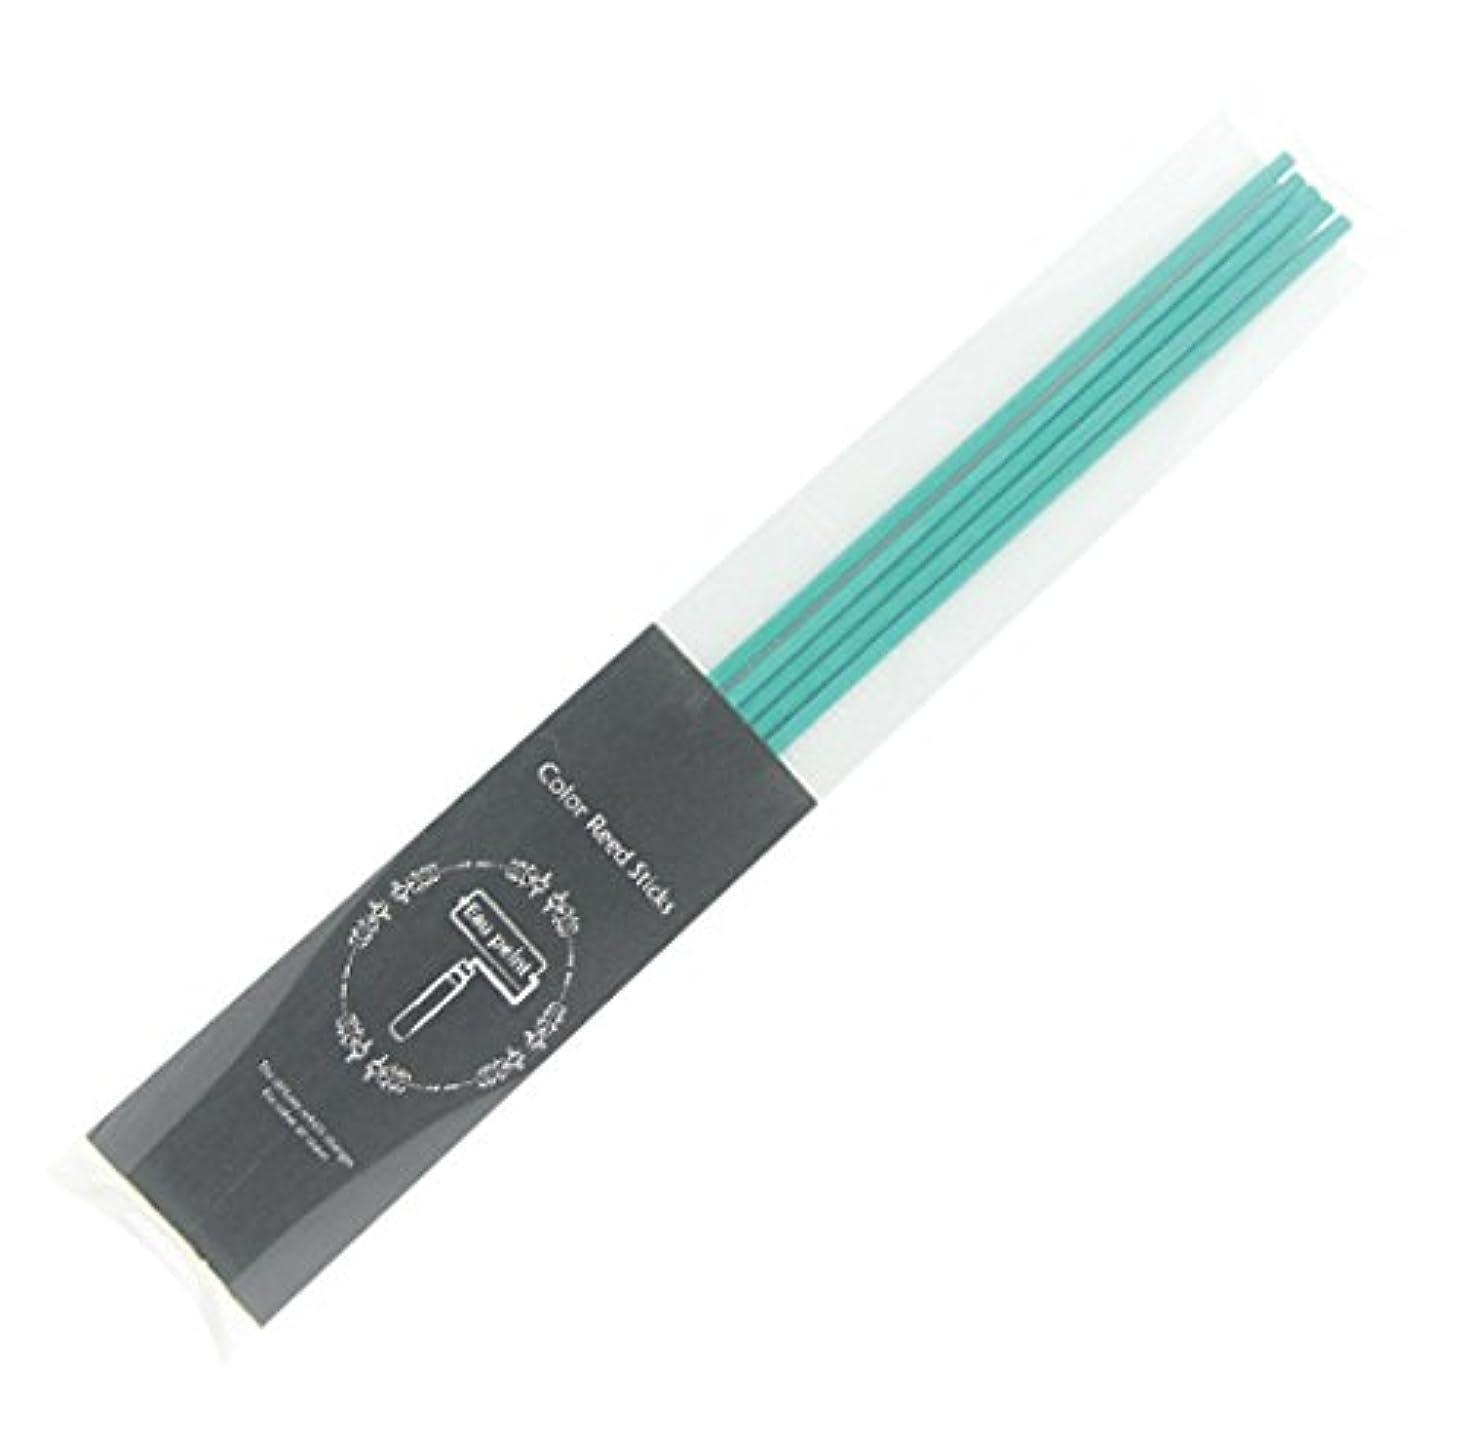 診断するクスクスレーザEau peint mais+ カラースティック リードディフューザー用スティック 5本入 ターコイズ Turquoise オーペイント マイス